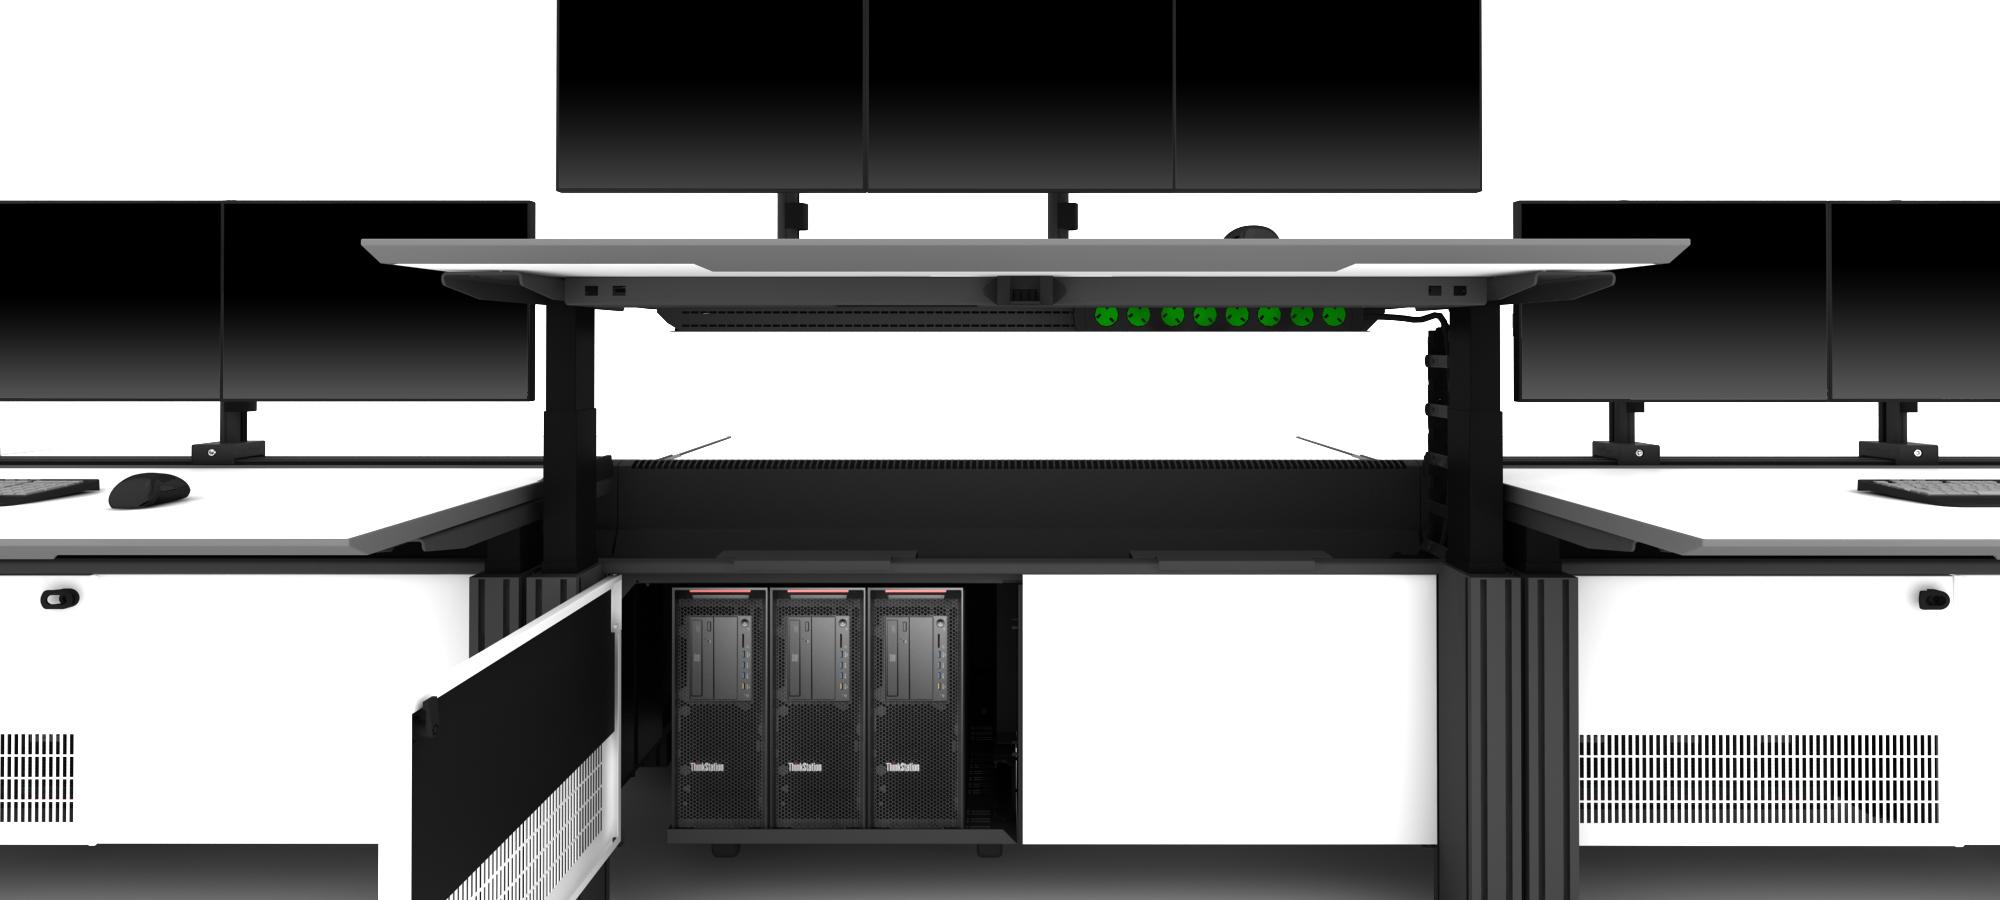 Dealer Desk Furniture Optimised For Cable Management